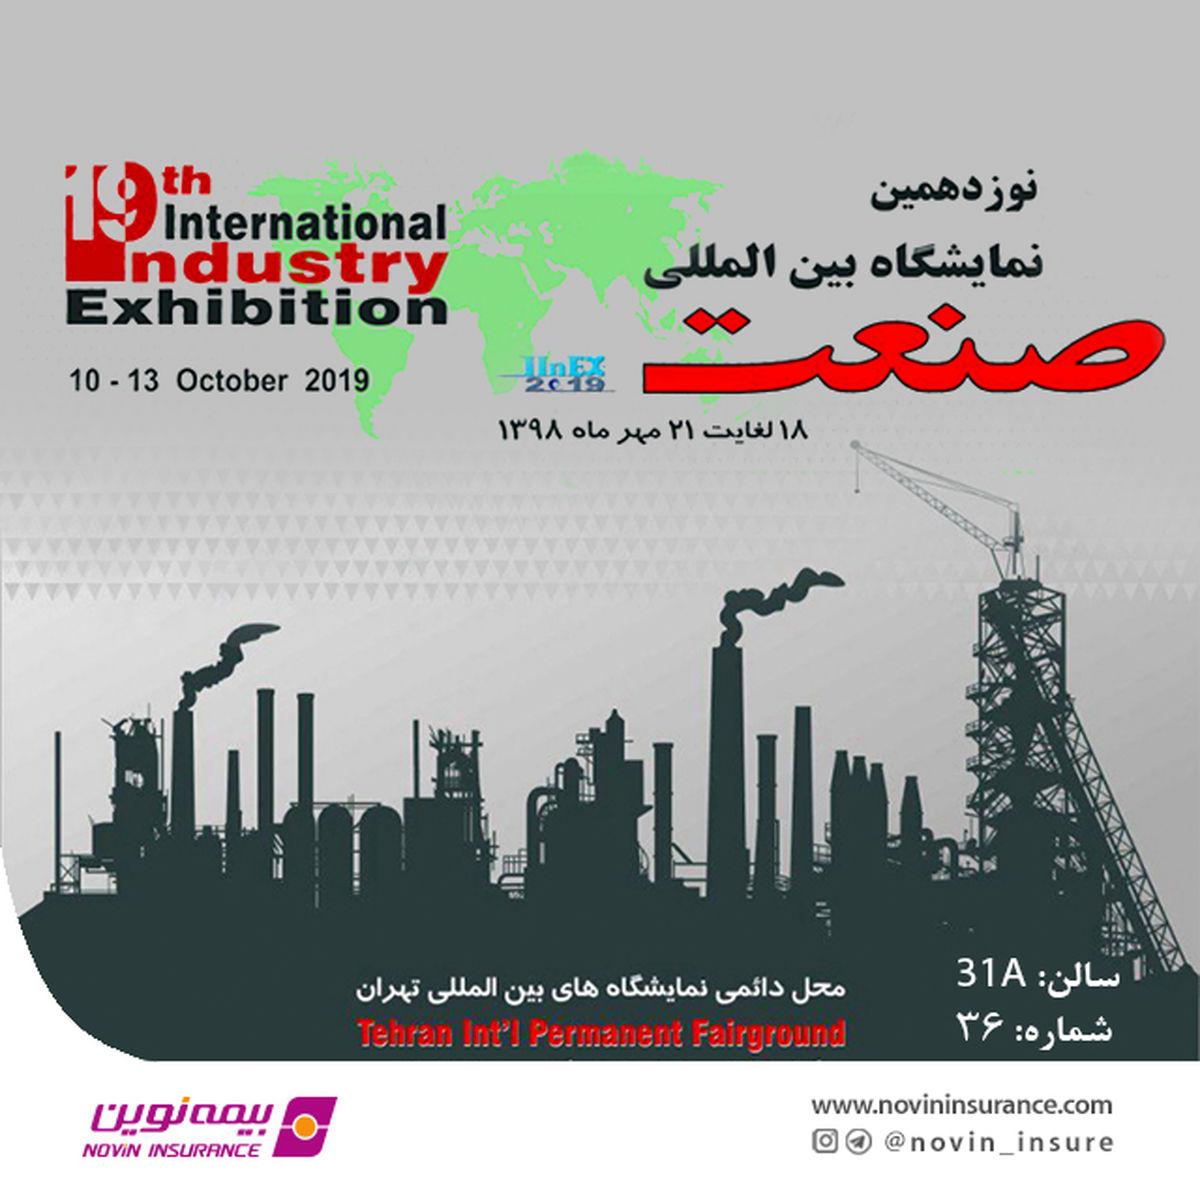 حضور فعال بیمه نوین در نمایشگاه بینالمللی صنعت تهران